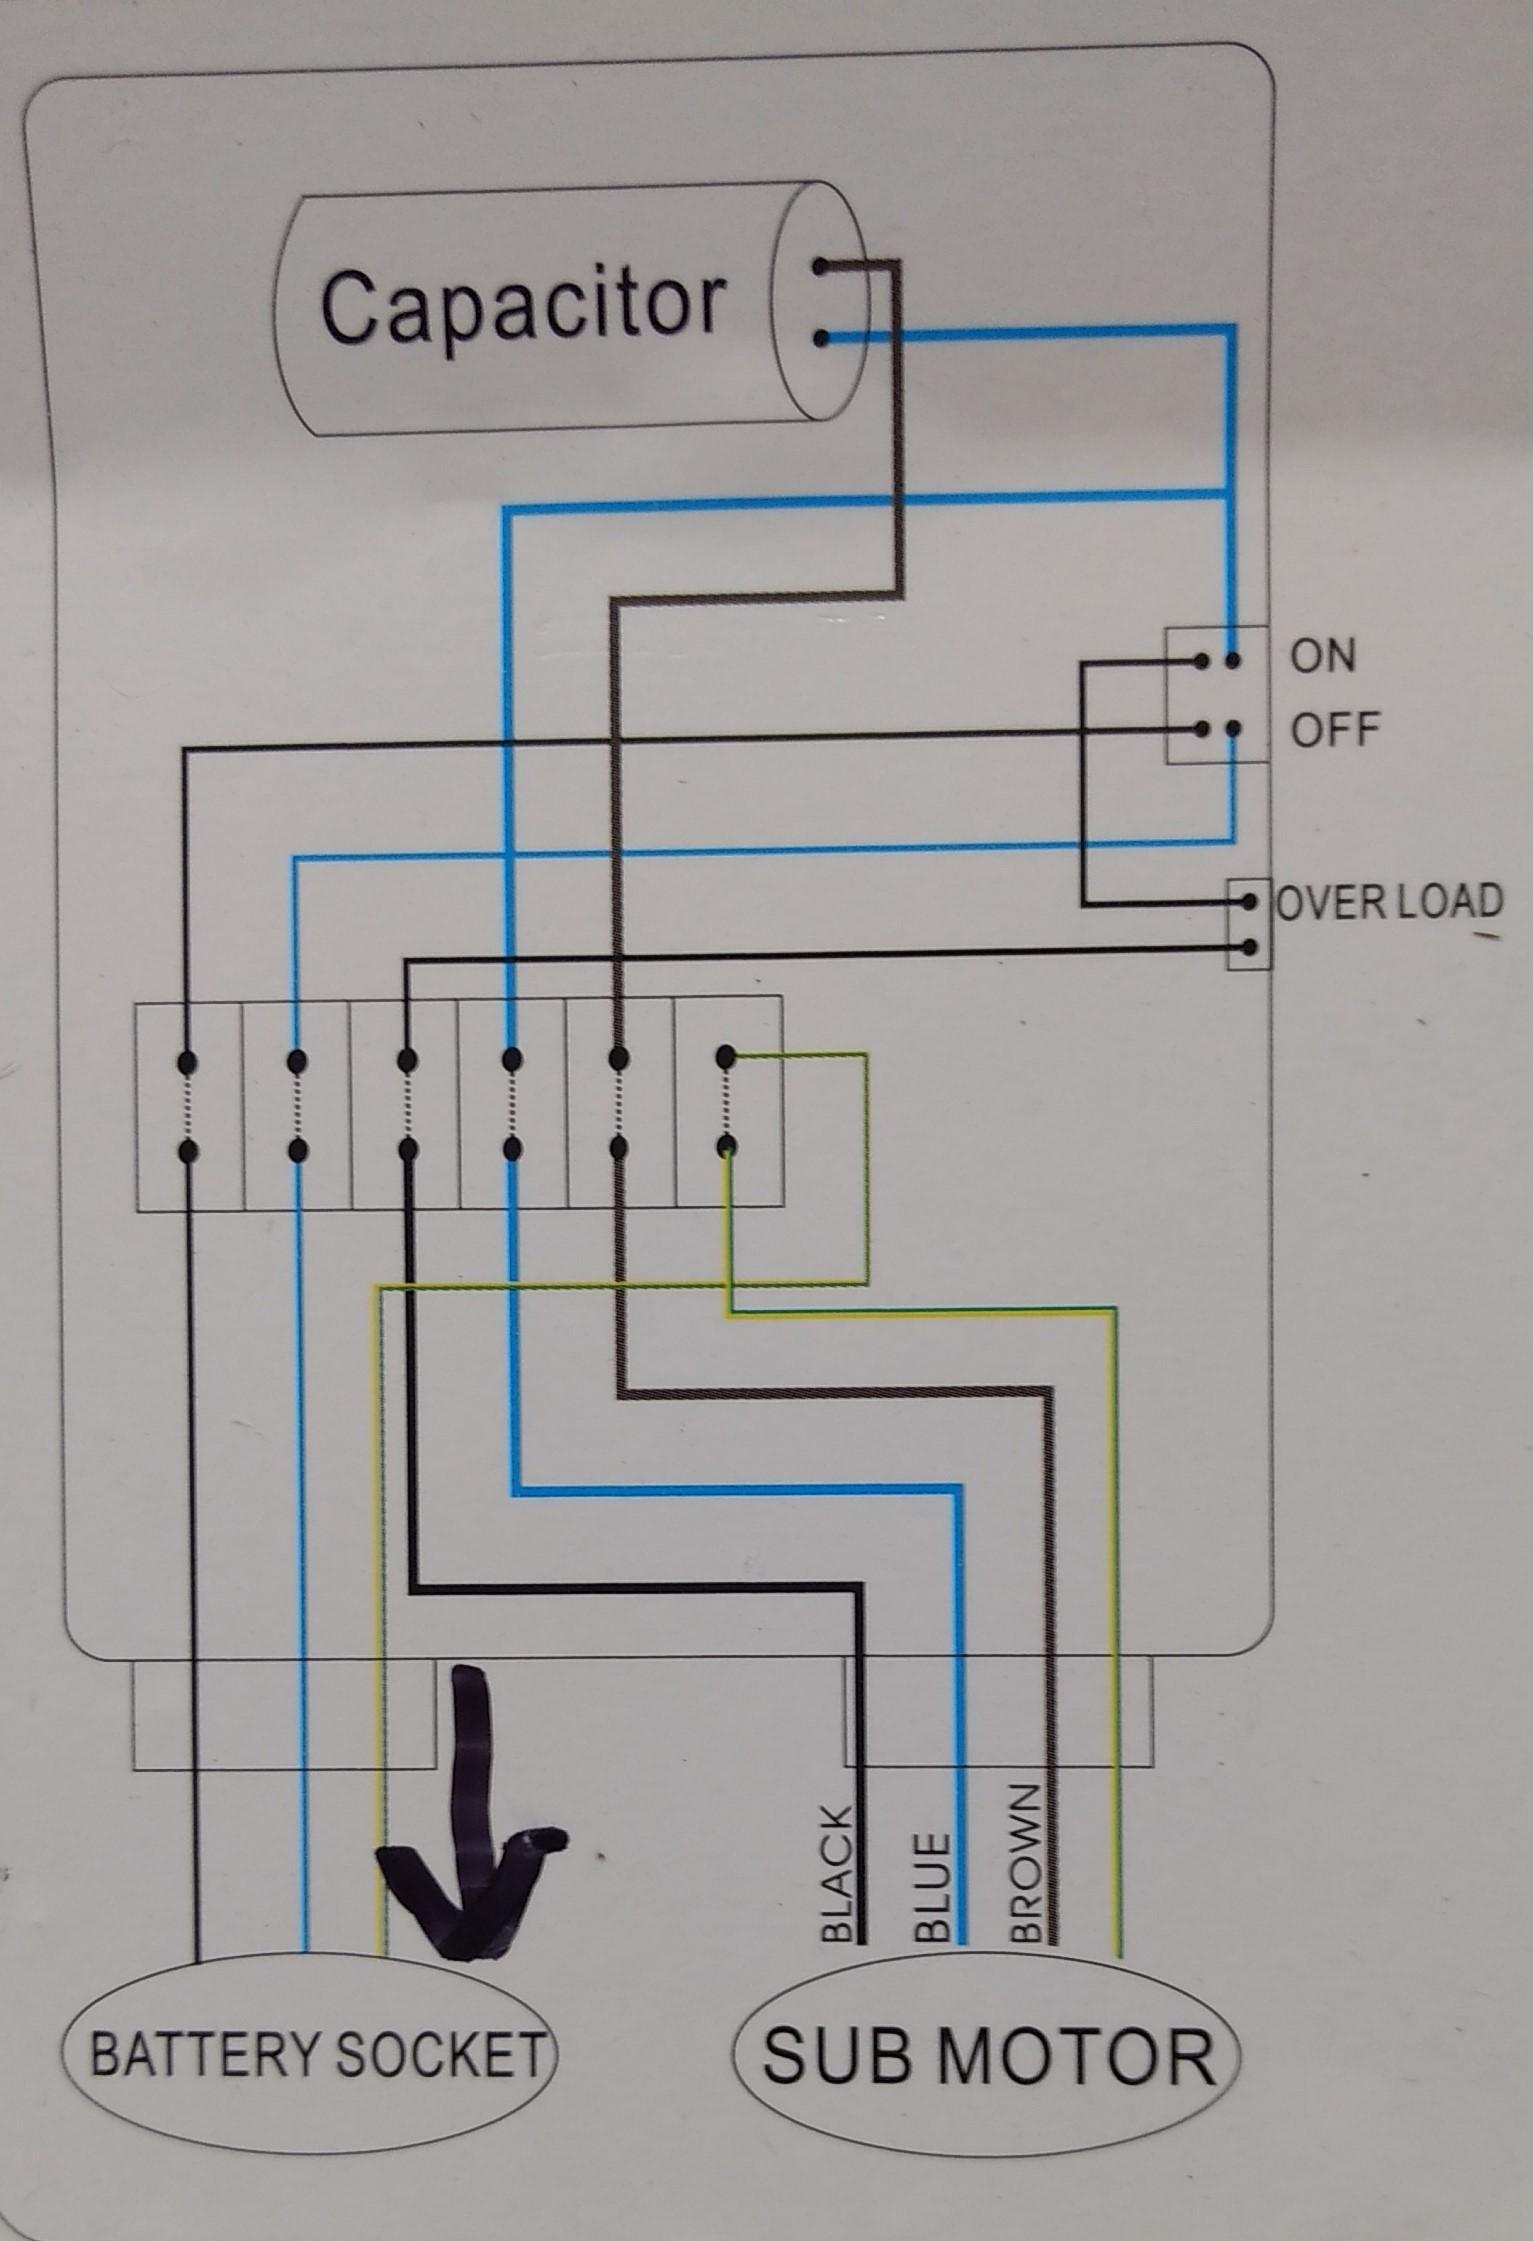 Qd Control Box Wiring 3 Wire Control Box Wiring Diagram Walker Lawn Mower Wiring Of Qd Control Box Wiring